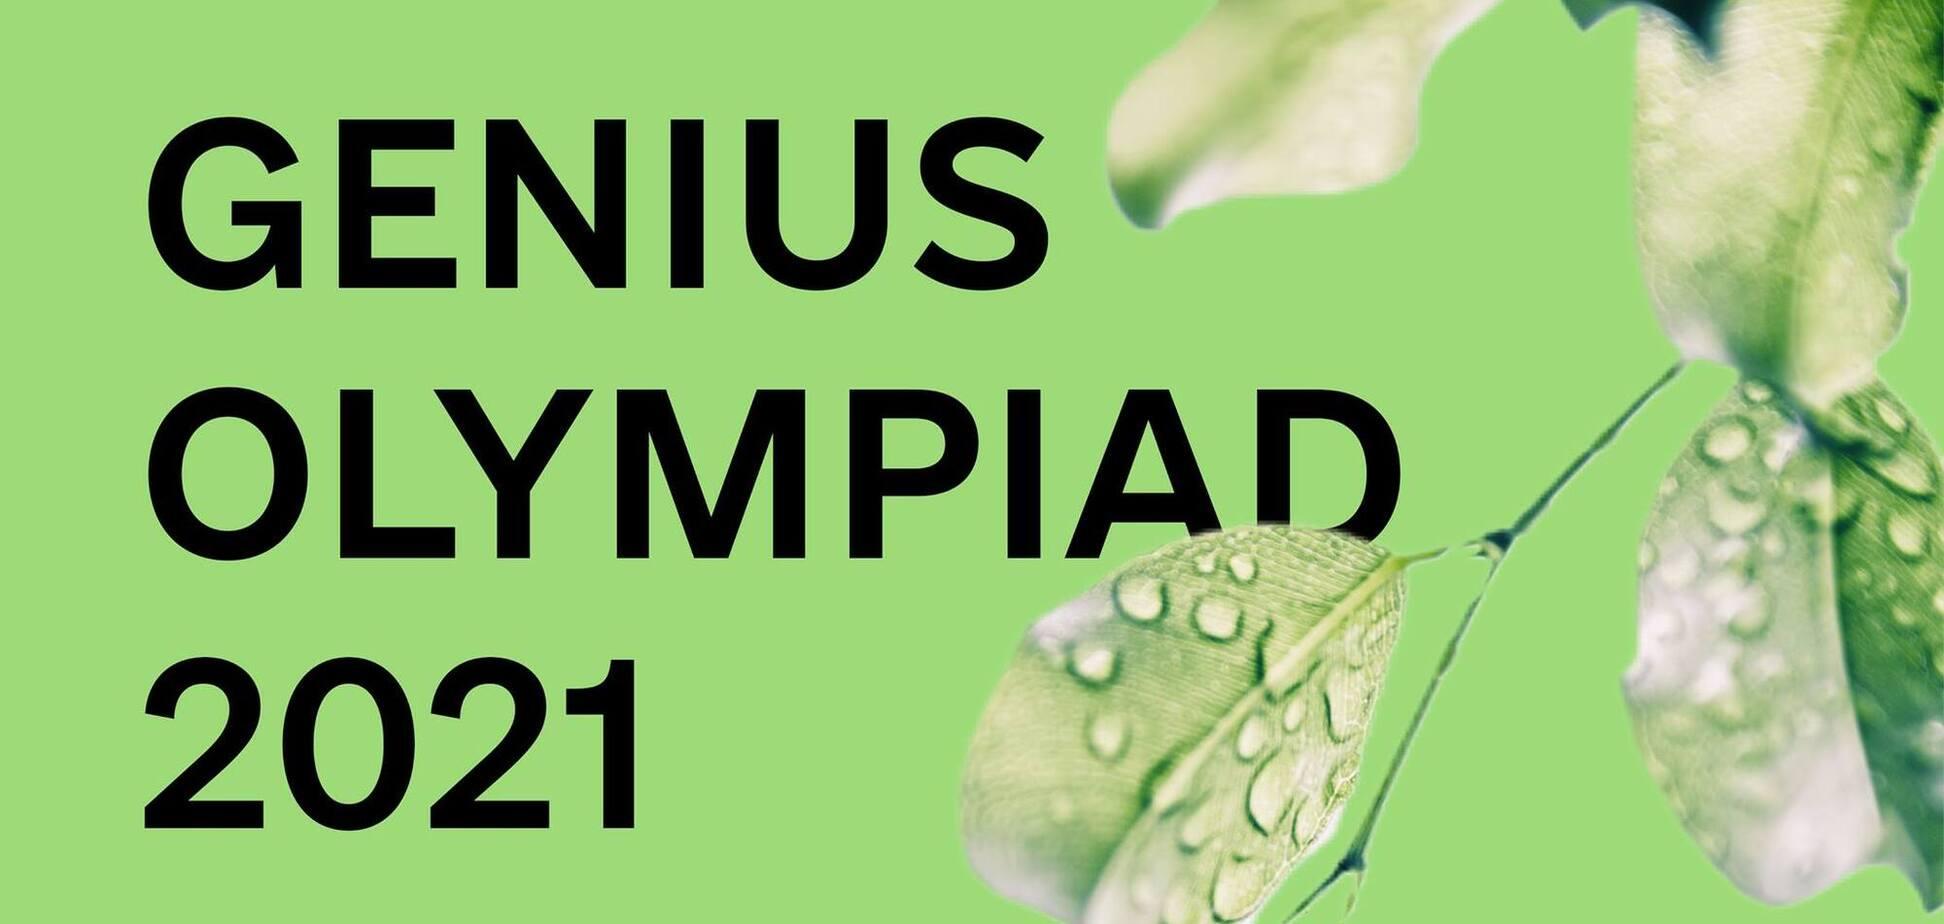 Ученики Малой академии наук завоевали 15 наград на Genius Olympiad 2021